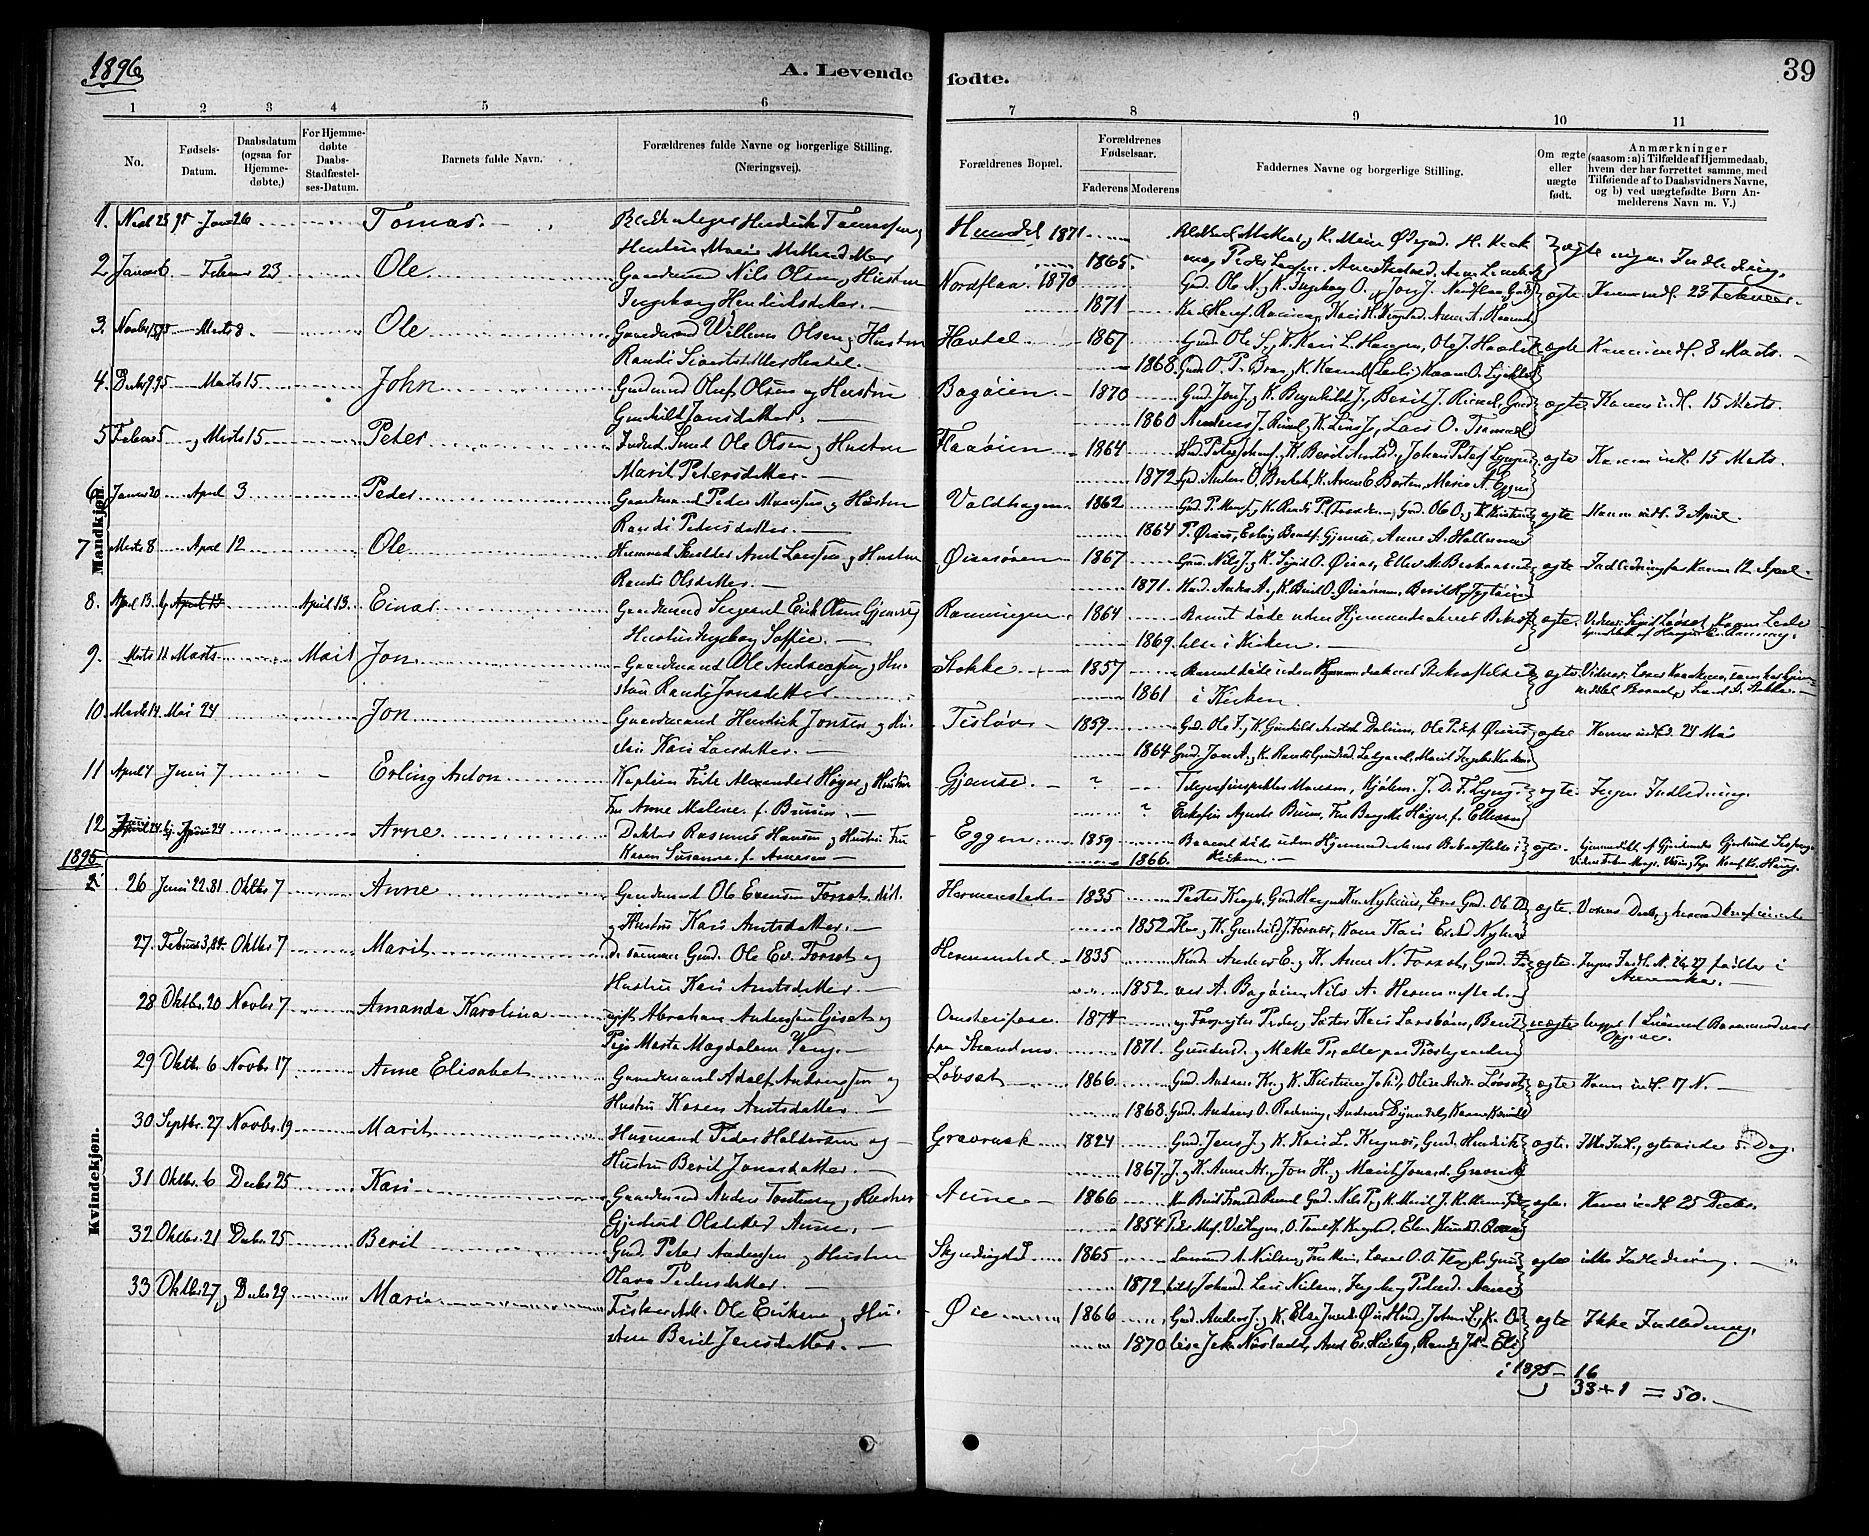 SAT, Ministerialprotokoller, klokkerbøker og fødselsregistre - Sør-Trøndelag, 691/L1094: Klokkerbok nr. 691C05, 1879-1911, s. 39